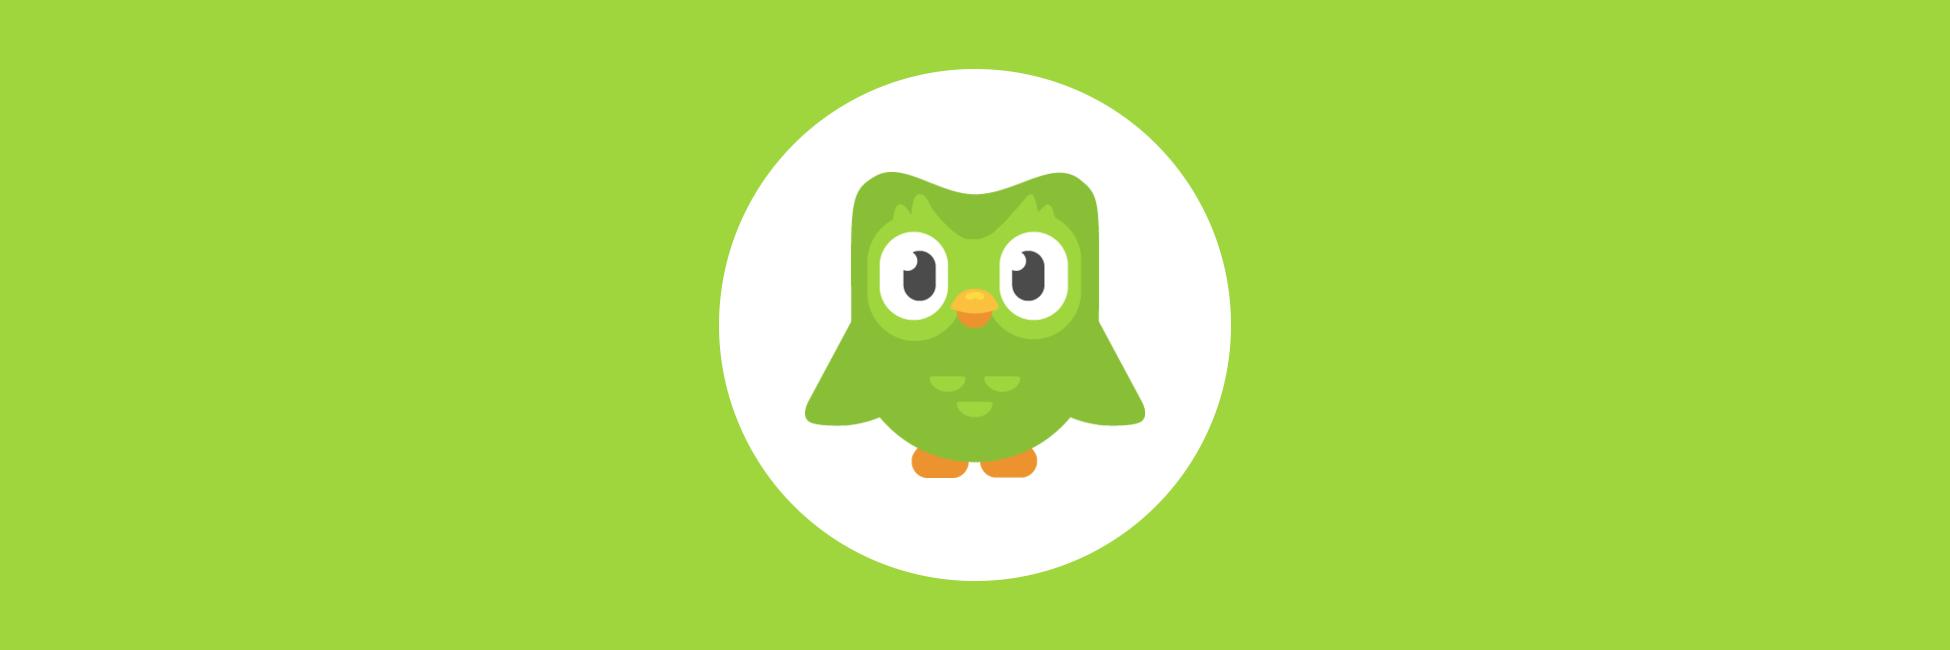 Duolingo banner